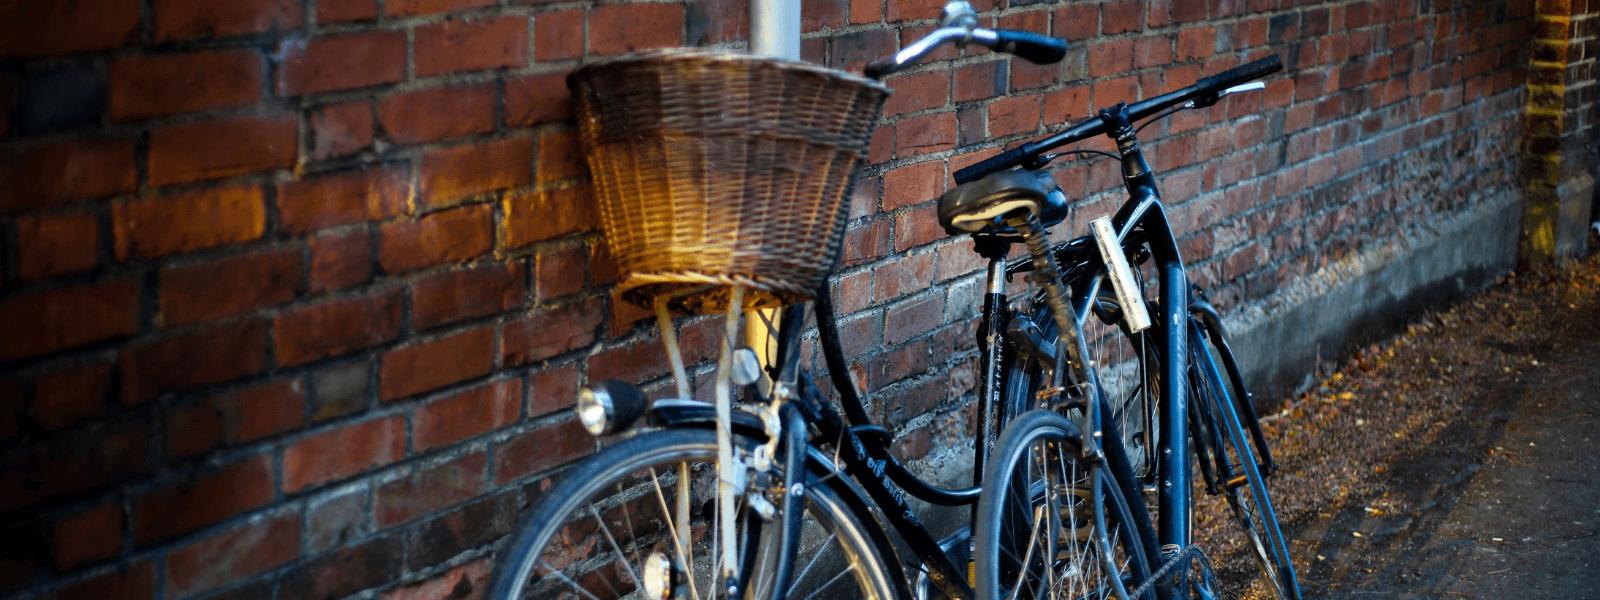 2 vélos posées sur les murs d'une maison de briques